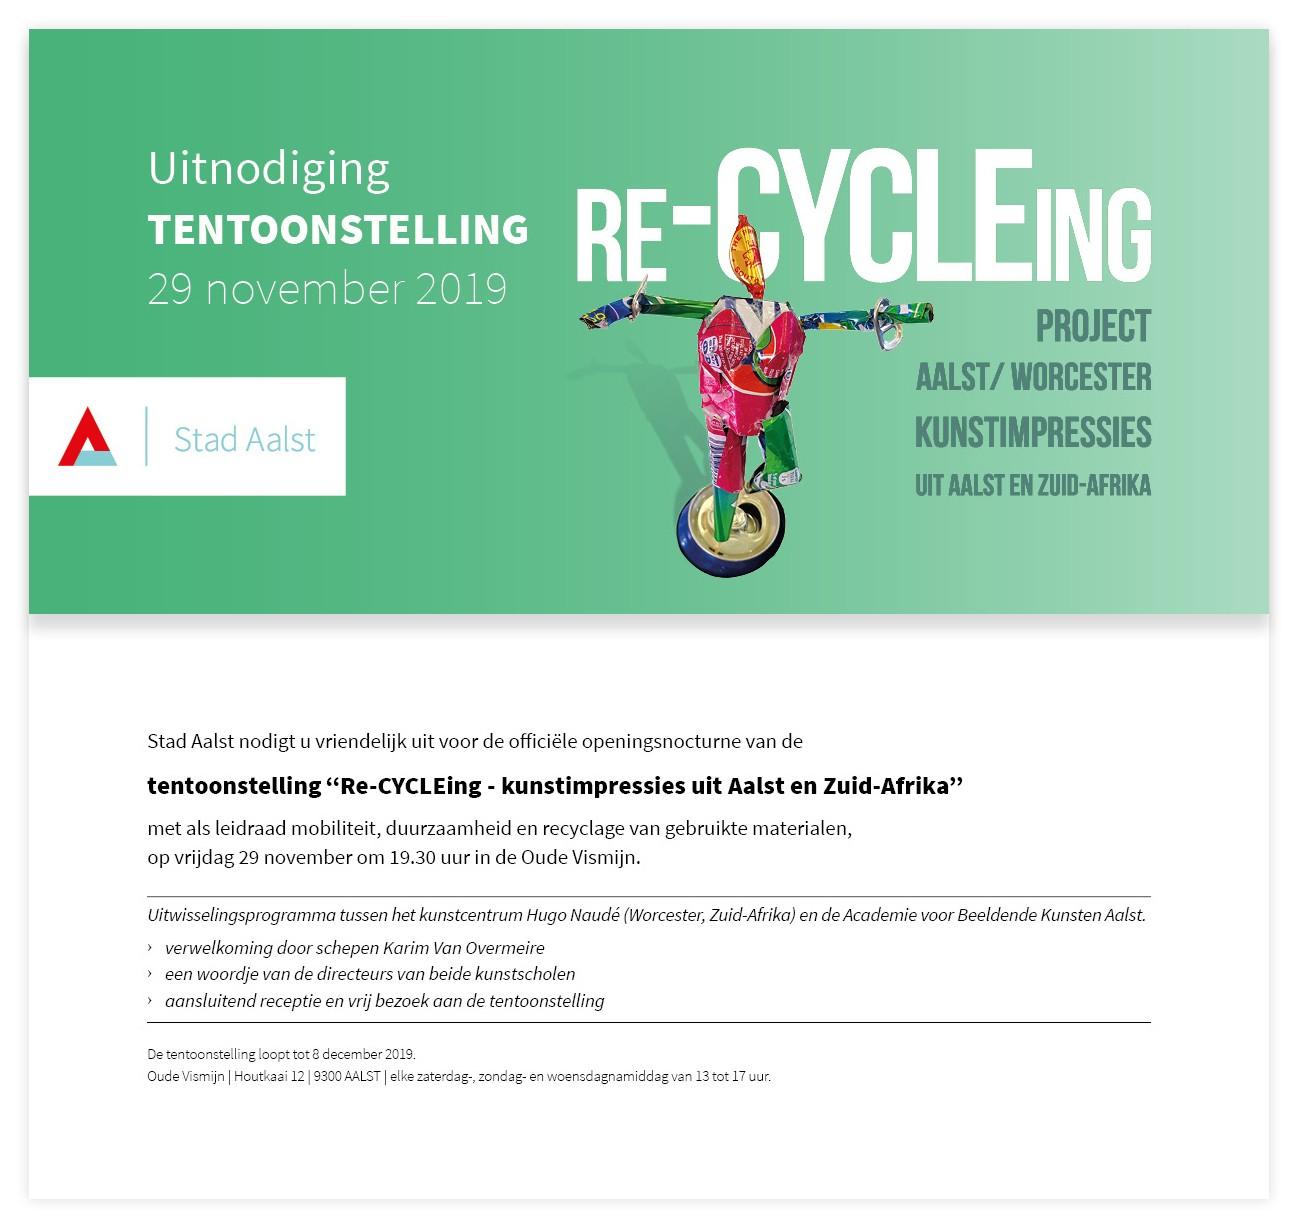 Uitnodiging Tentoonstelling Re-CYCLEing